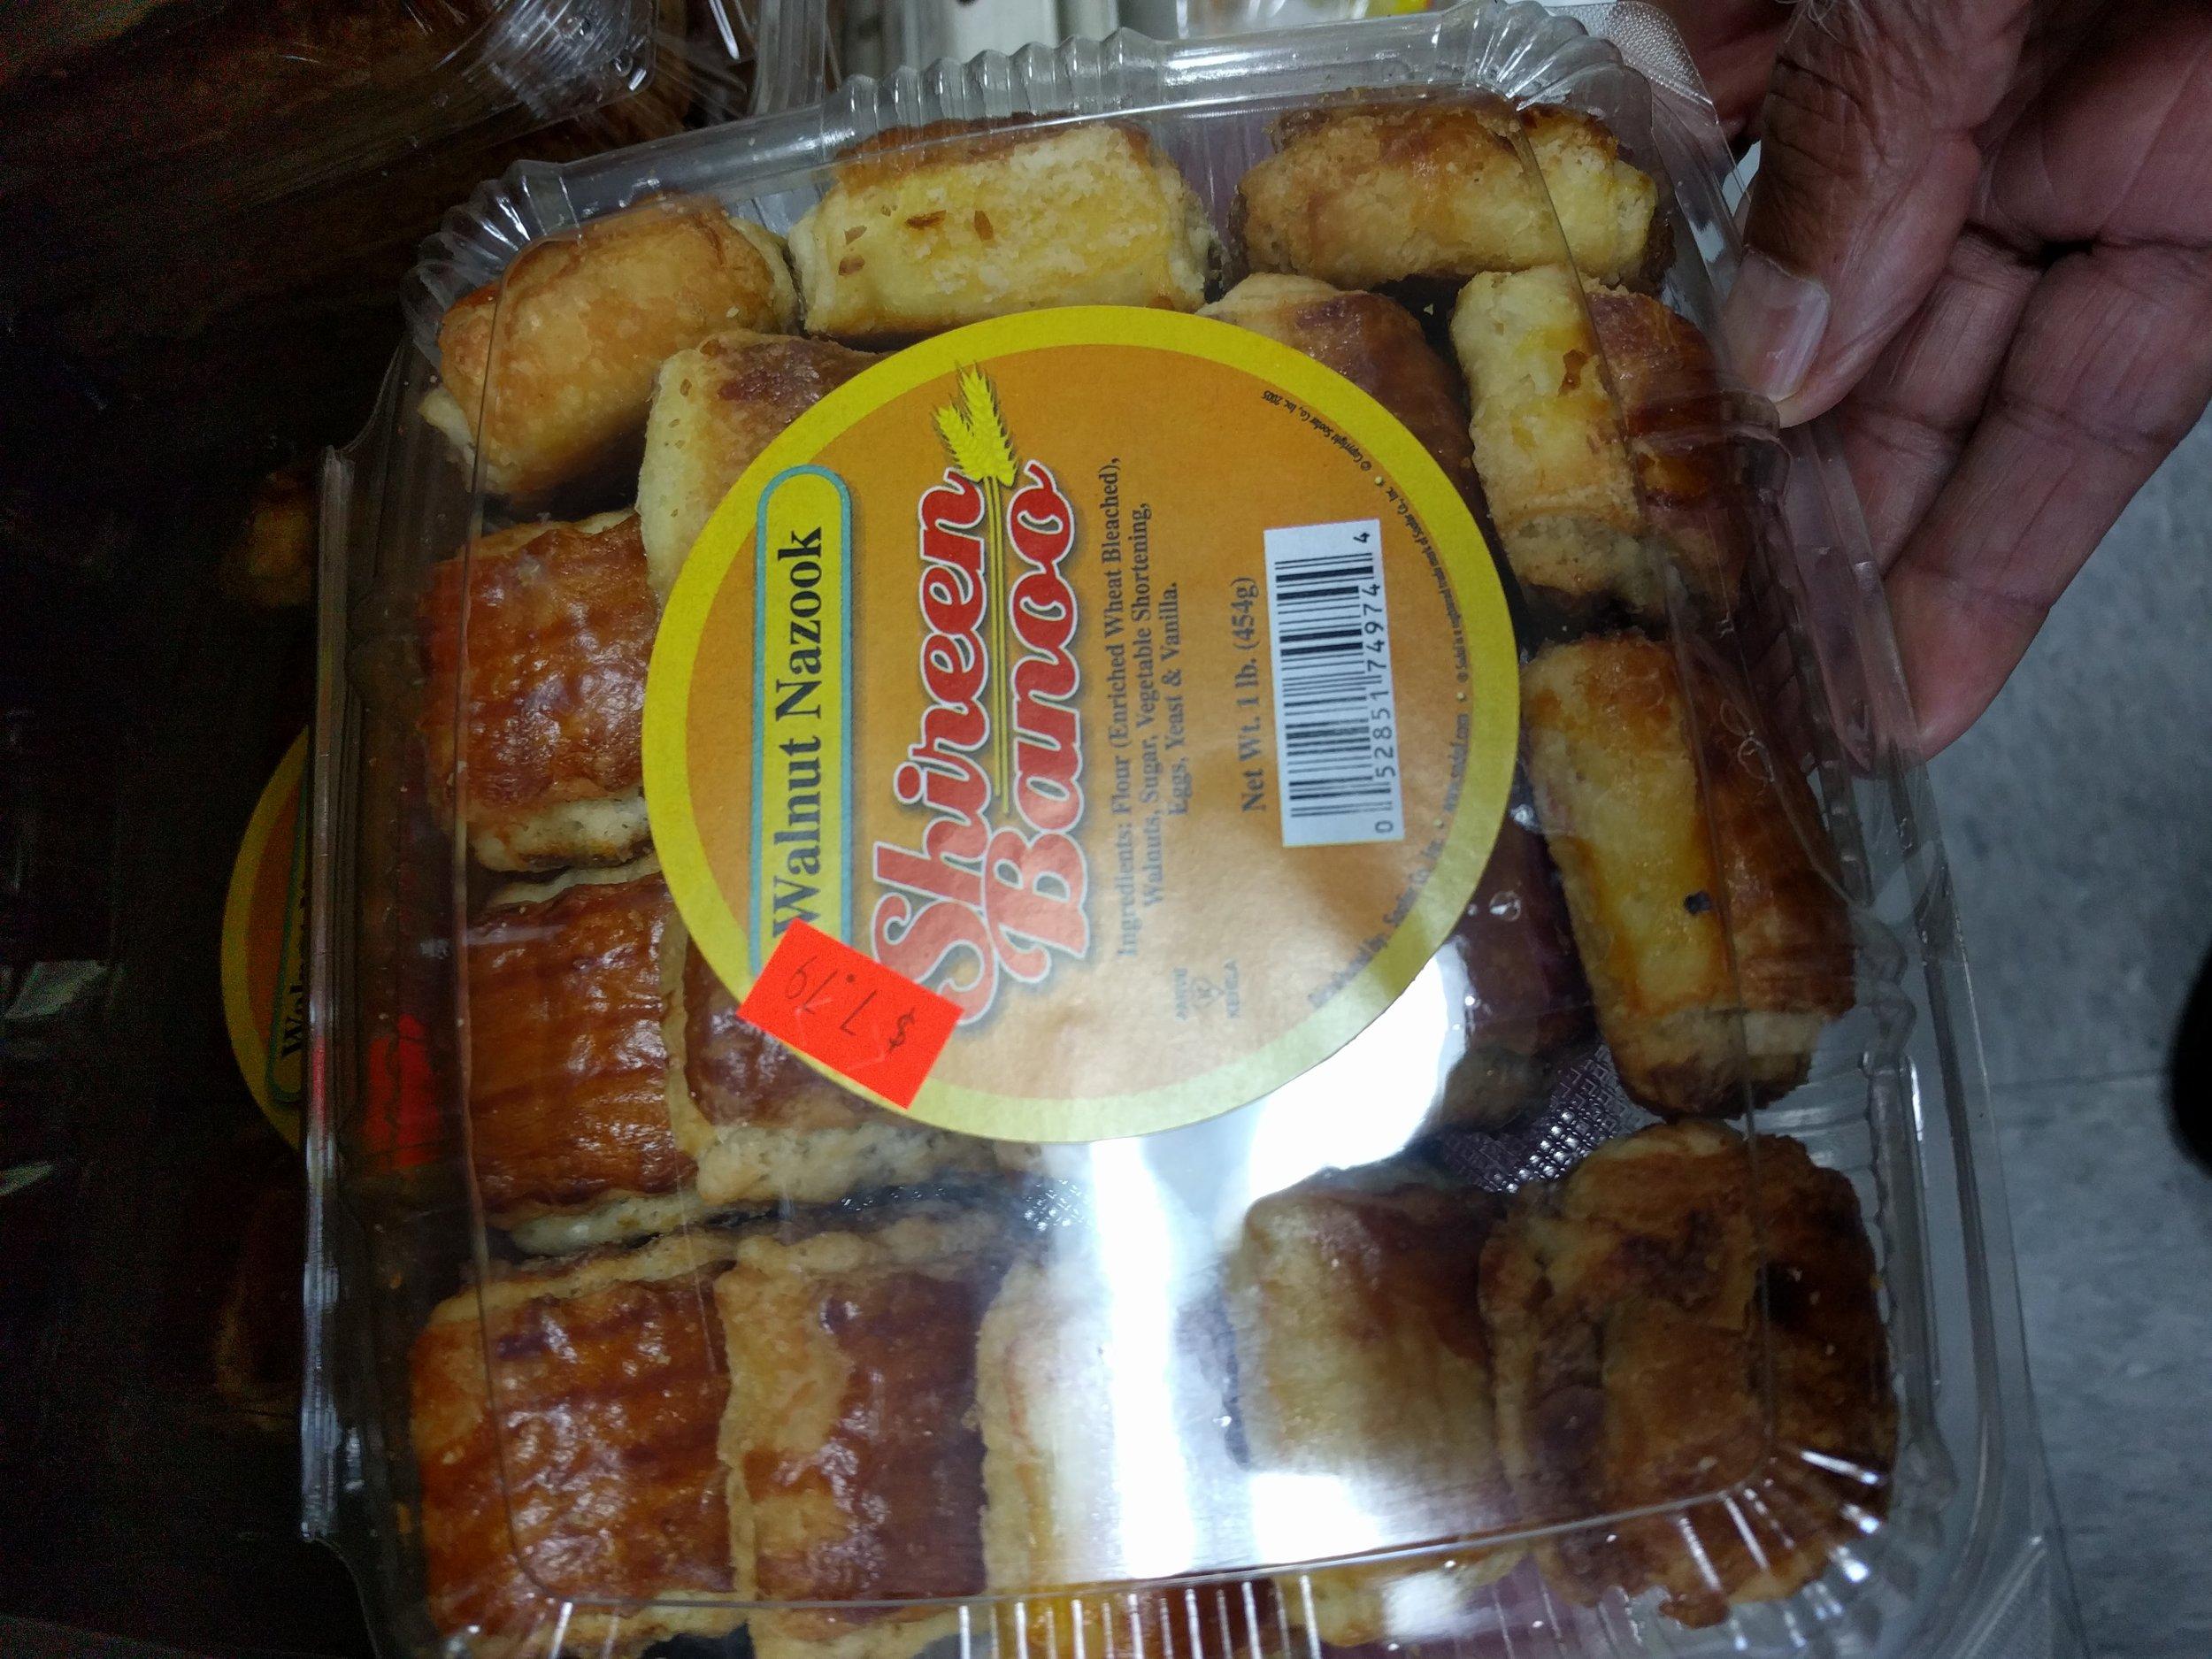 Walnut-nazook-Pak-Halal-International-Foods-12259-W-87th-St-Pkwy-Lenexa-KS-66215.jpg